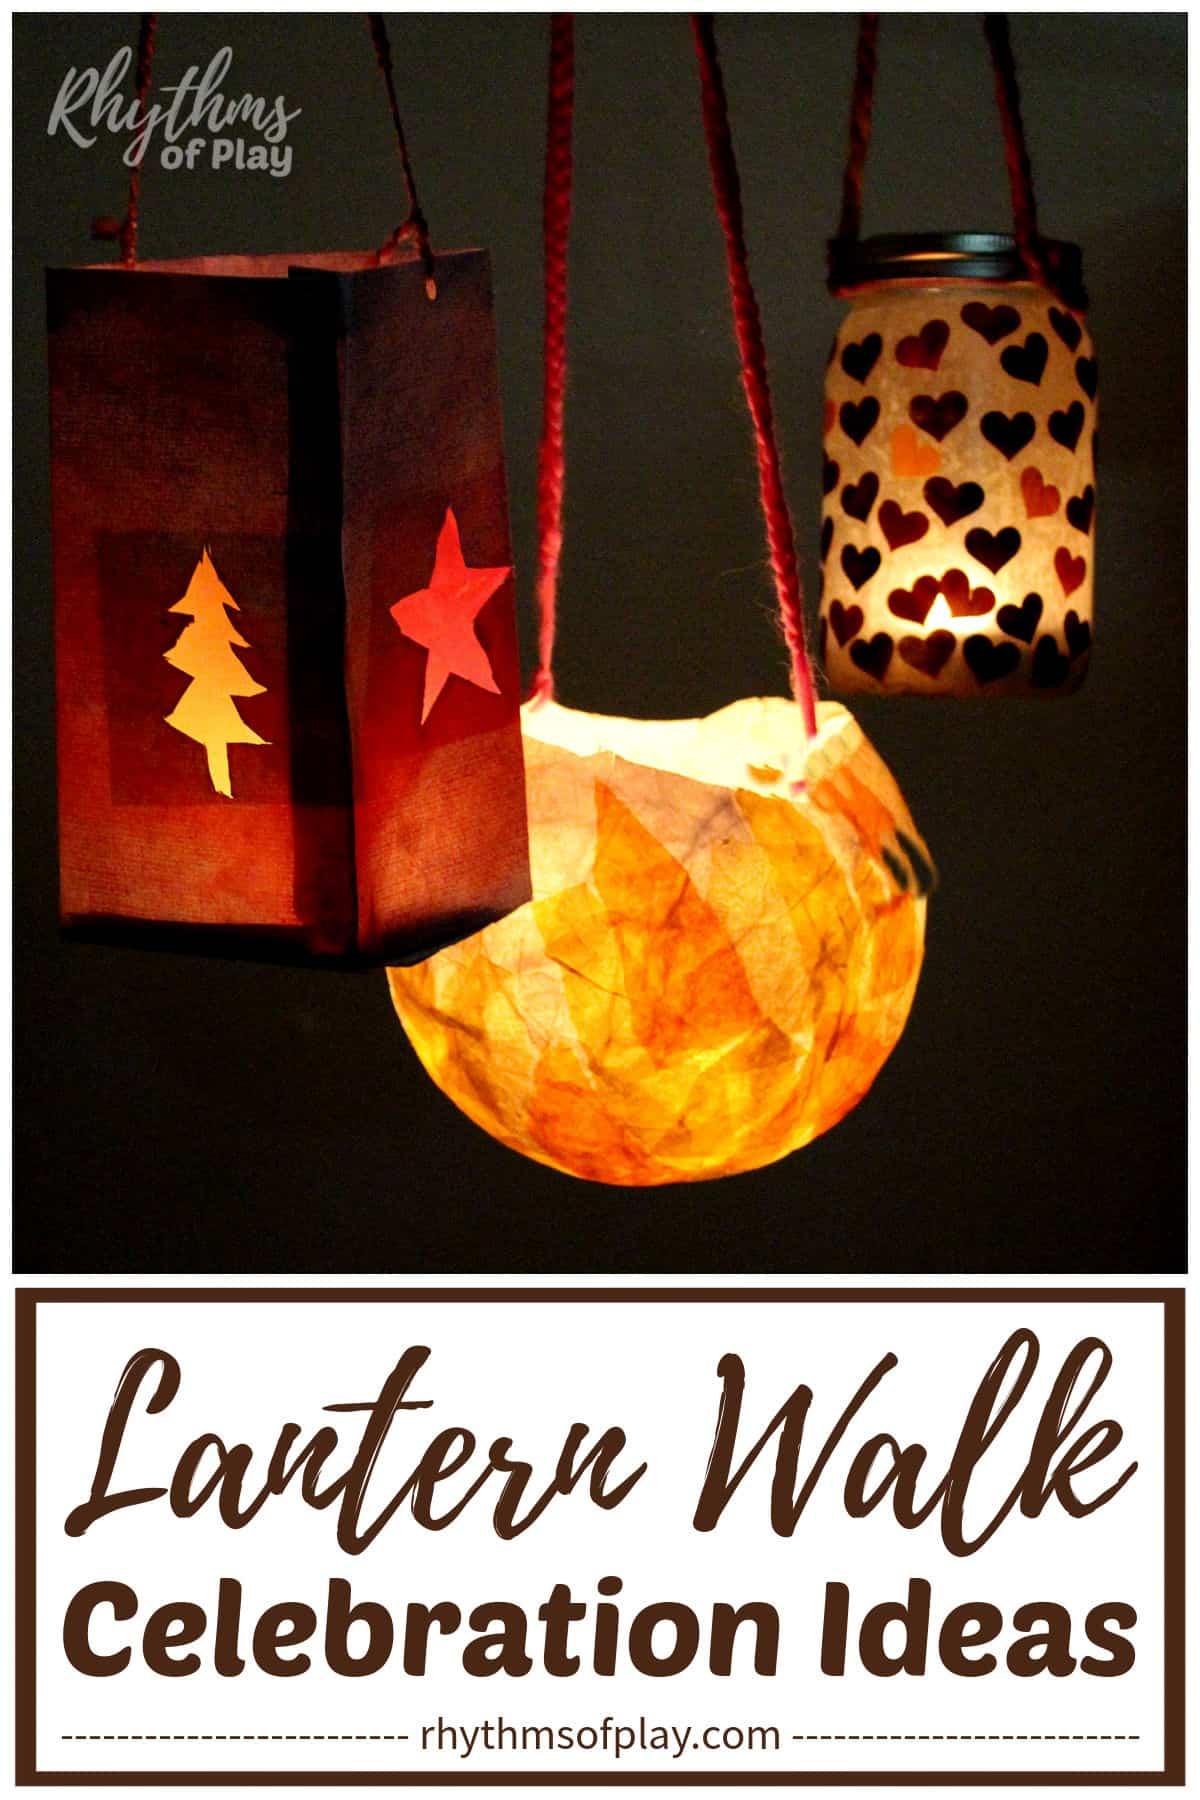 lanterns lit for traditional lantern walk